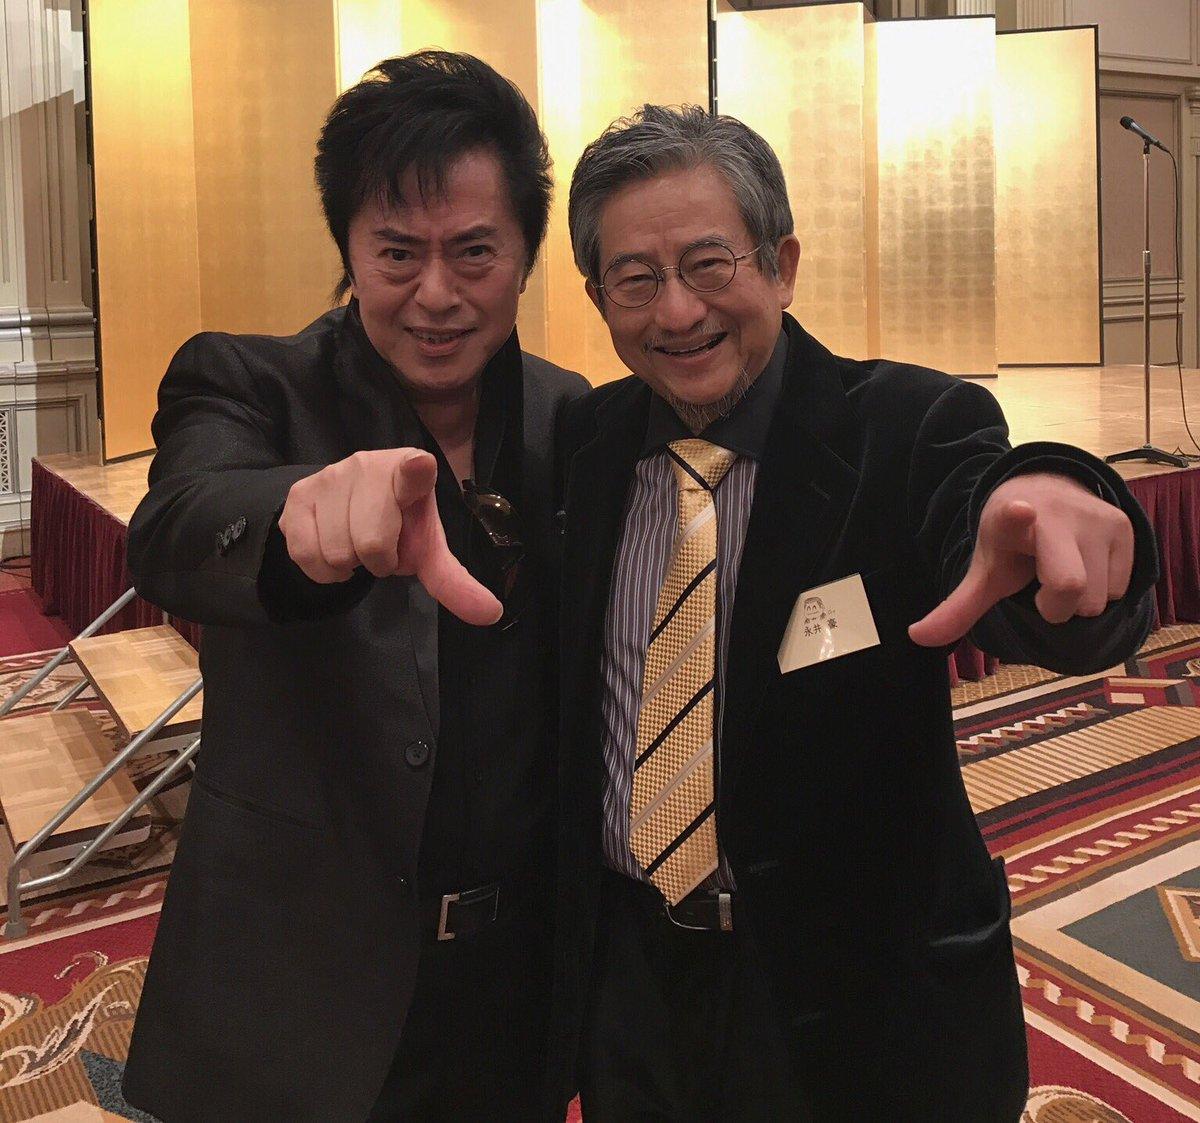 今年50周年を迎えられる永井豪先生との2ショットだゼーット! いつお会いしても若いZ!